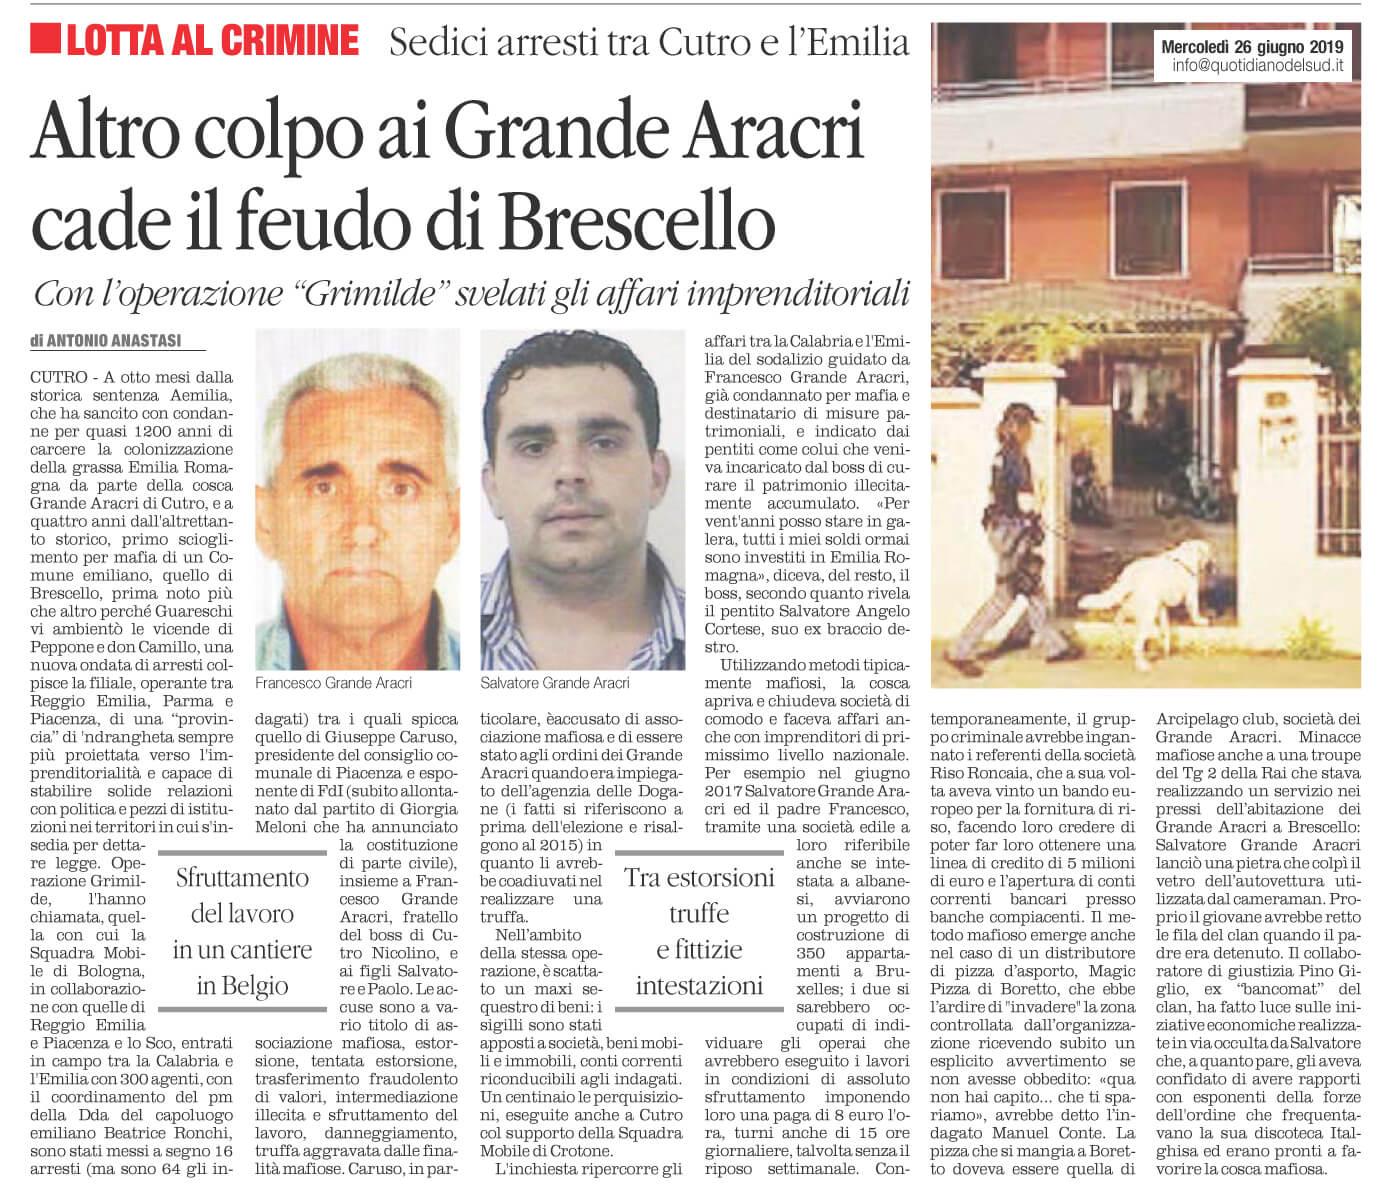 Cade il feudo di Brescello